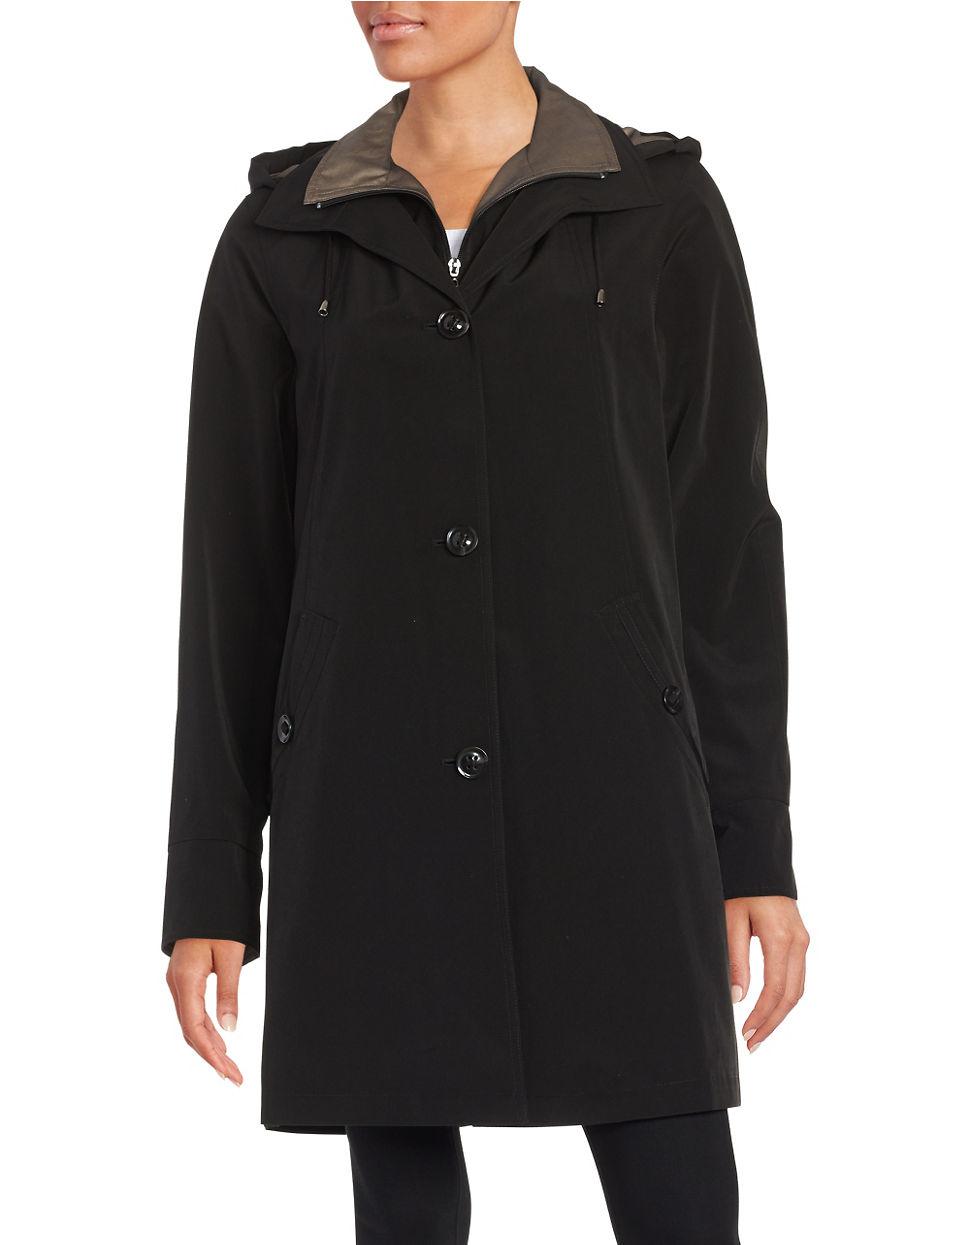 Gallery Petite Removable Hood Anorak Jacket In Black | Lyst